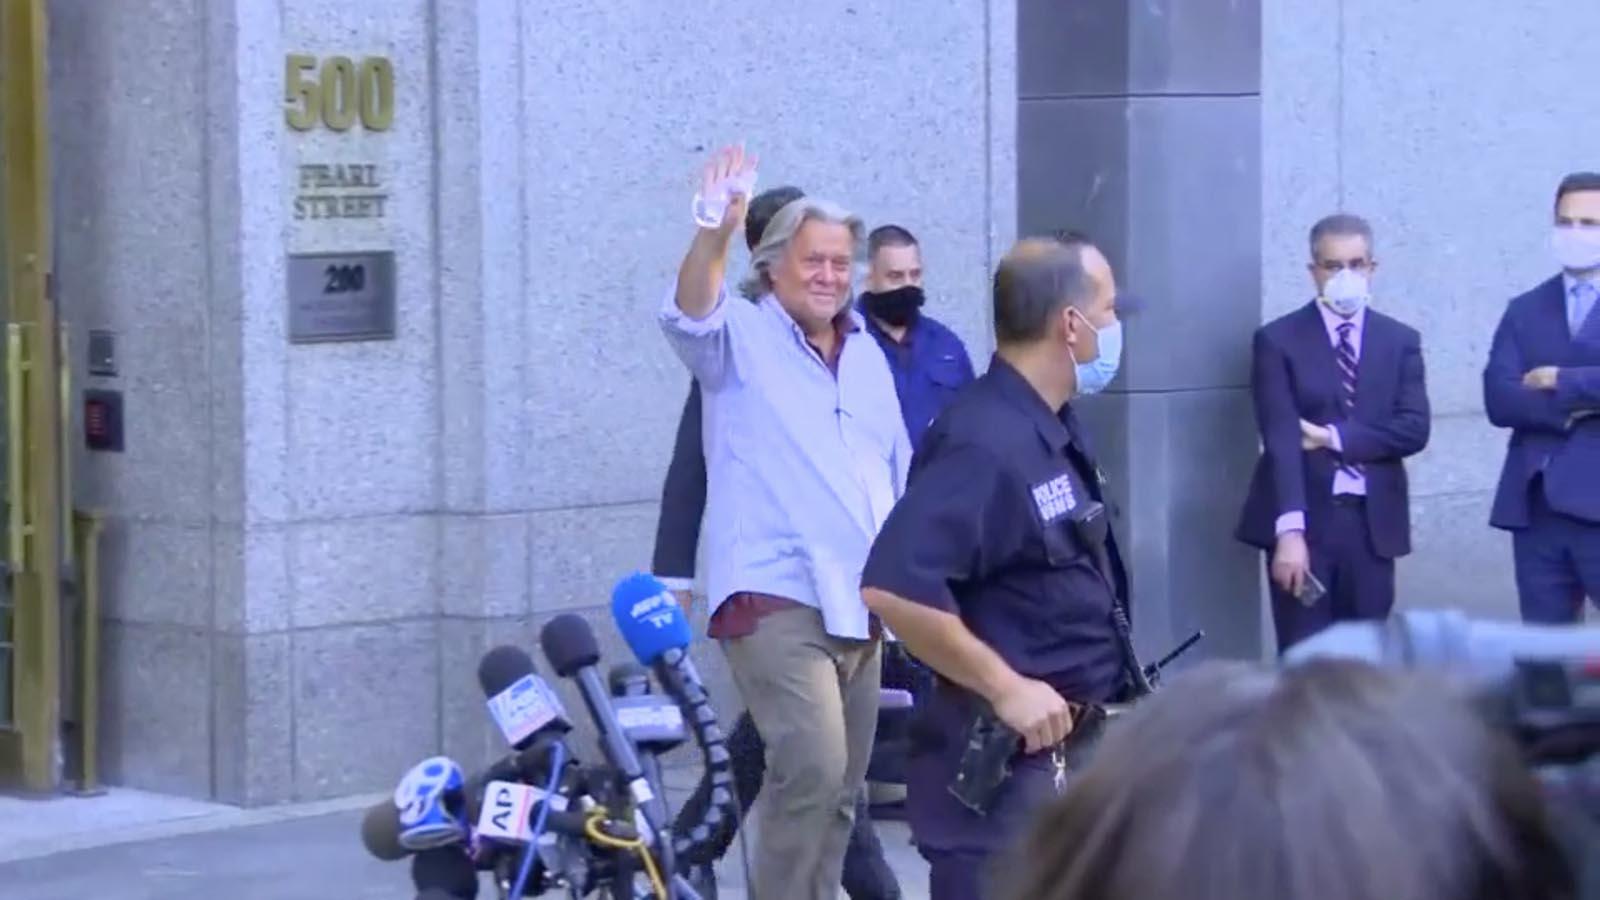 Steve Bannon leaves court in New York on Thursday, Aug. 20.